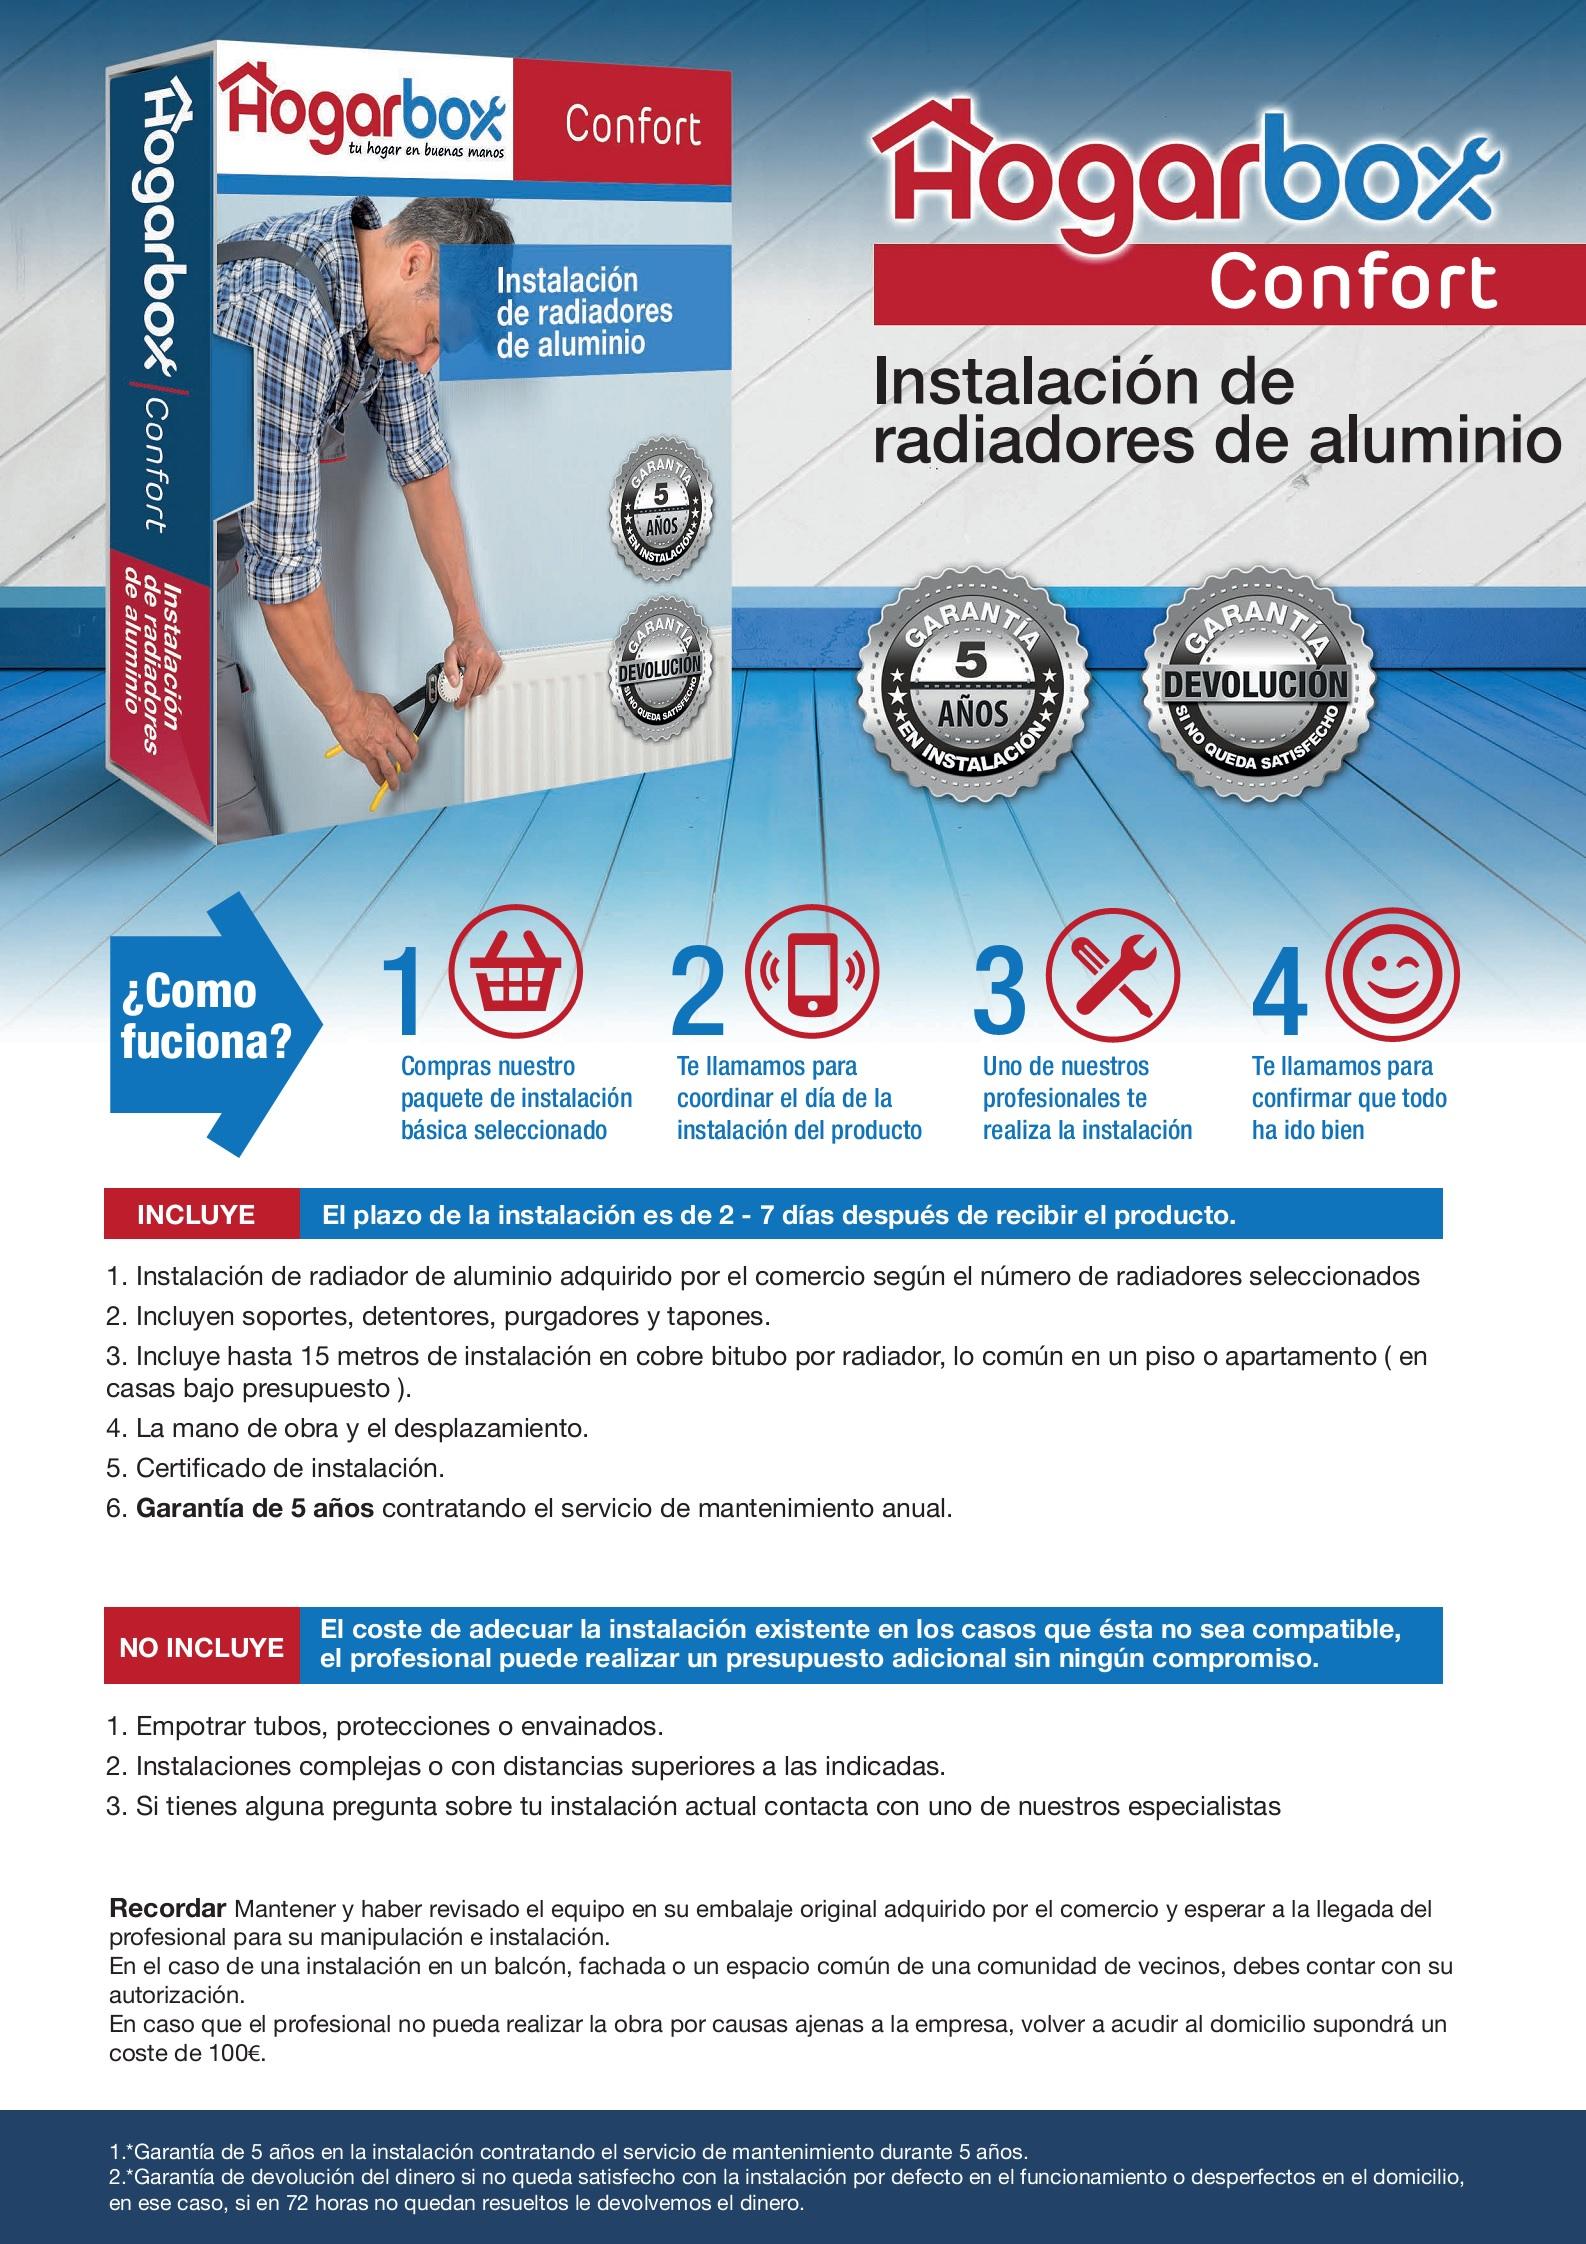 HogarBox_Confort instalacion de radiadores para Calefacción